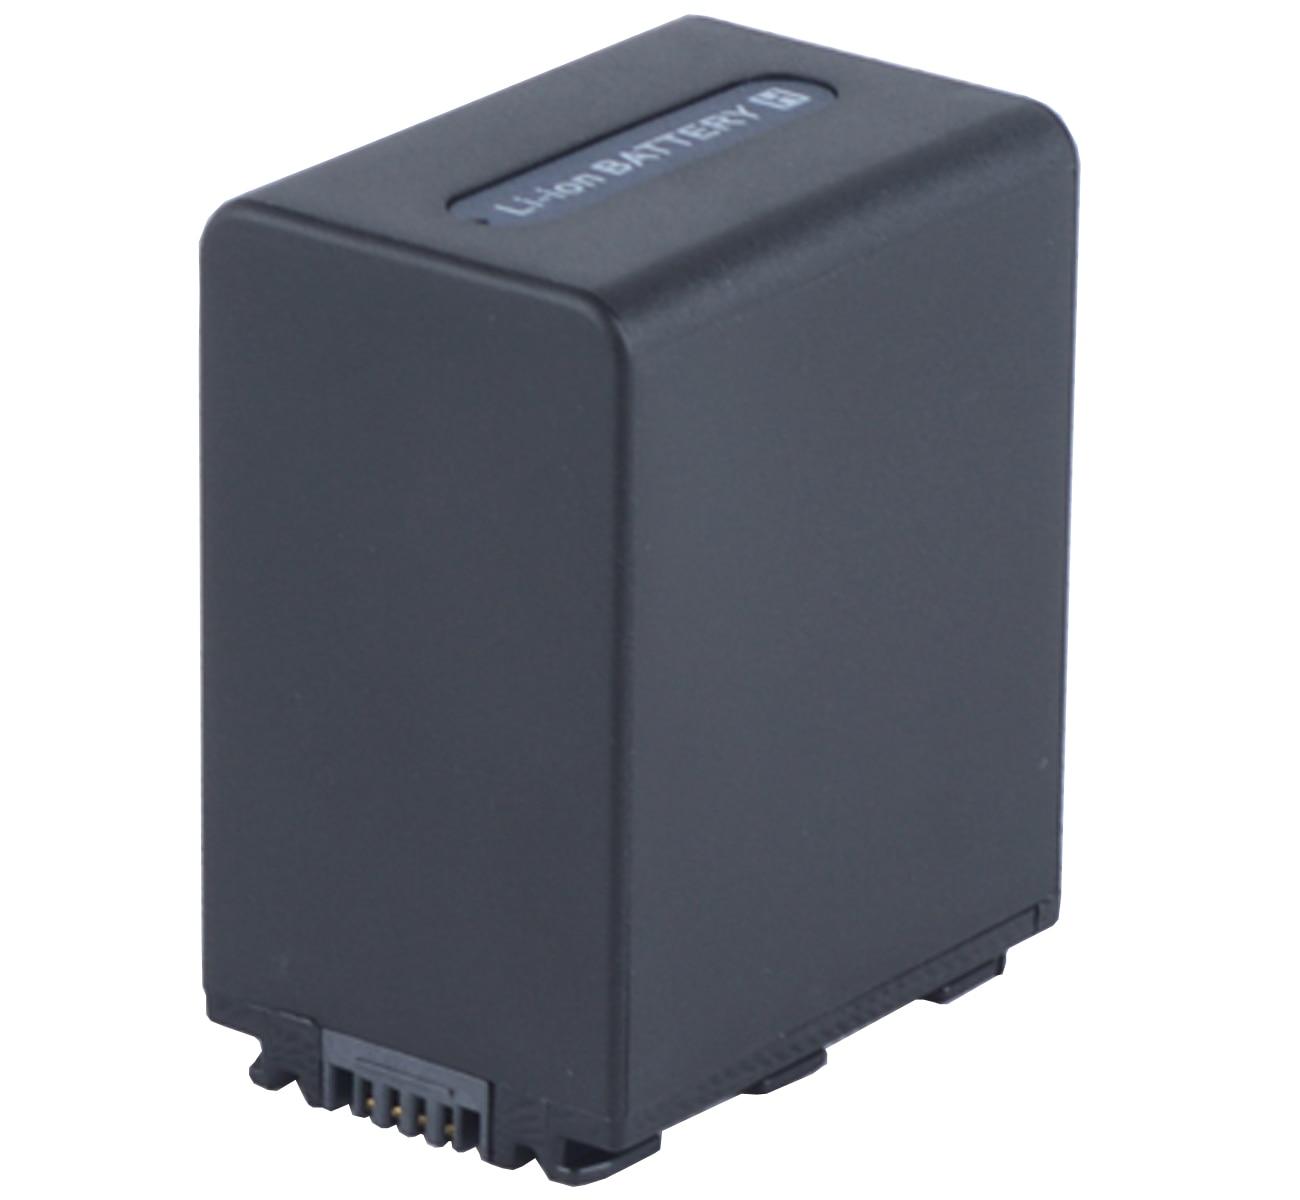 Paquete de baterías para Sony DCR-DVD408E, DCR-DVD410E, DCR-DVD450E, DCR-DVD608E, DCR-DVD610E, DCR-DVD650E